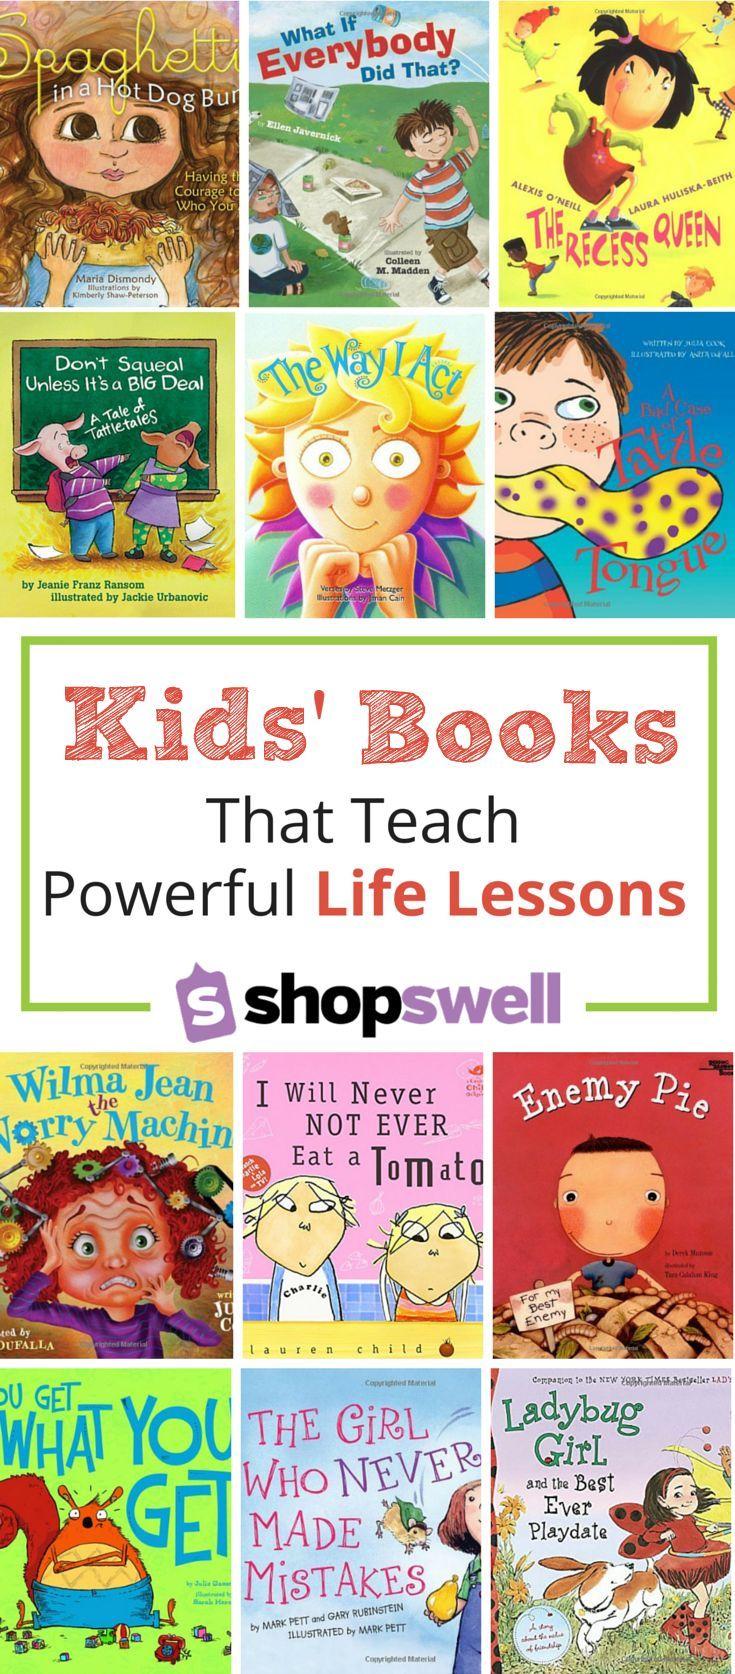 Kids' books that teach lessons